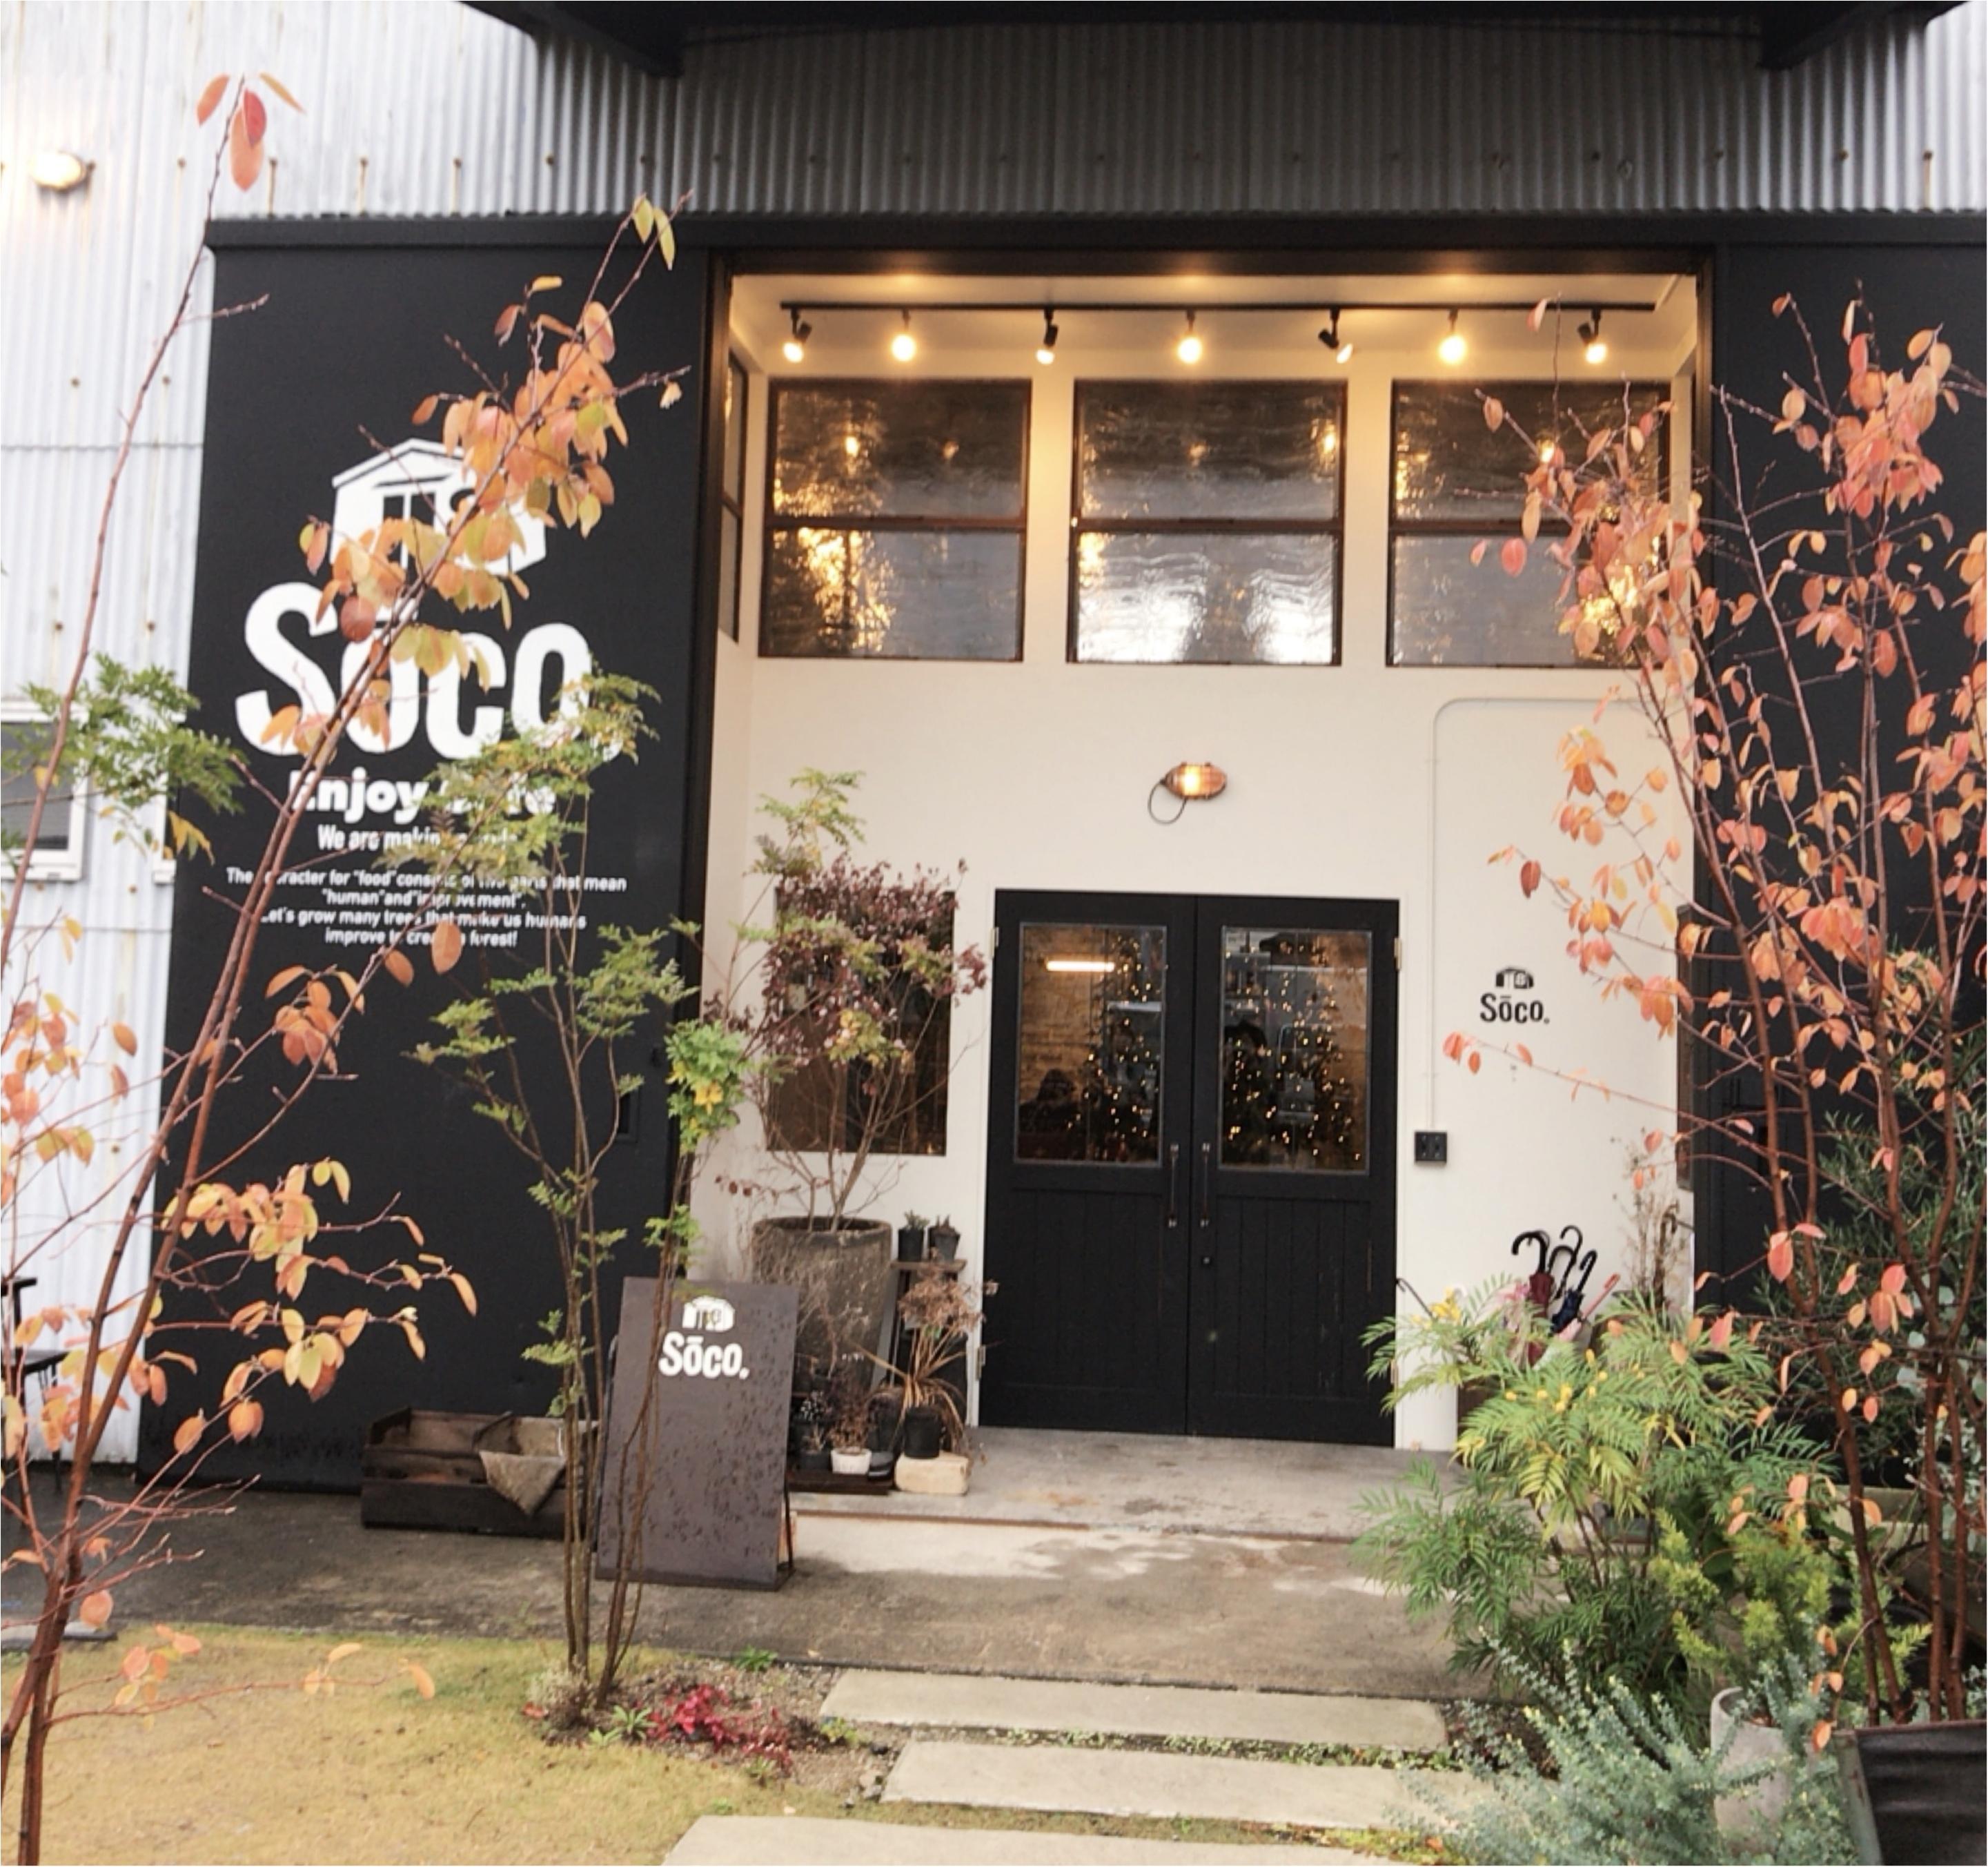 【Cafe】浜松カフェ巡り② 倉庫をリノベーションしたおしゃれカフェ♡ 広い空間でゆったりとコーヒータイム♡_1